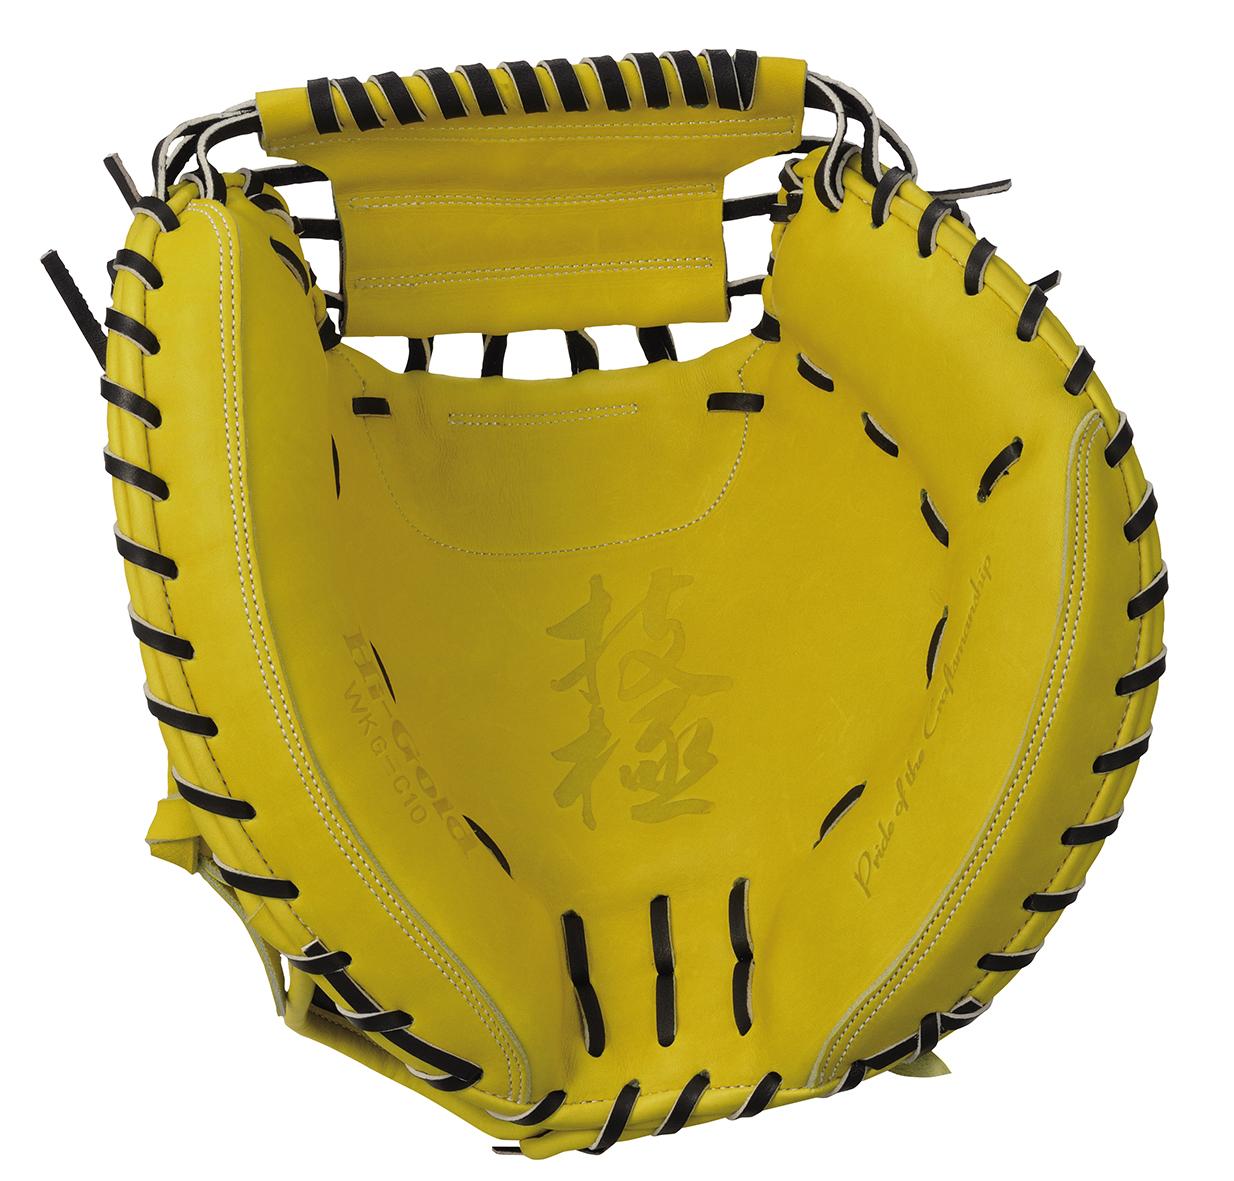 ハイゴールド 硬式野球ミット 技極硬式用ミットシリーズ 捕手用グローブ オープンバックX ナチュラルイエロー×ブラック 右投げ WKGC10 送料無料 2020年モデル